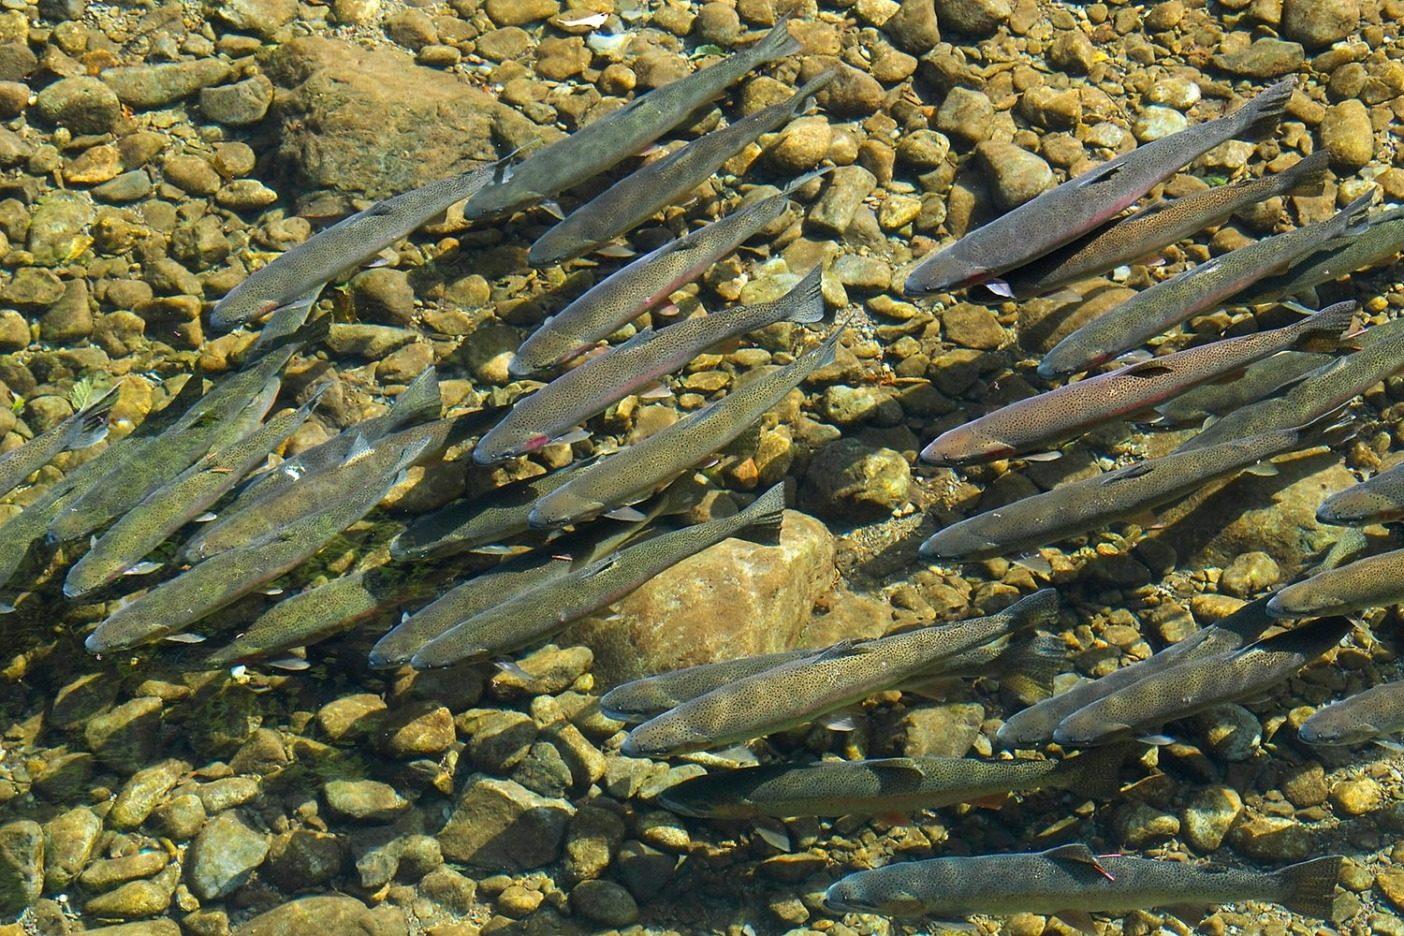 オリンピック半島、そしてここで釣りをするアングラーは、秘密の守り方を知っている。ワシントン州にある名もない川を産卵場へと向かうスチールヘッドの群れ。Photo: Jed Weingarten